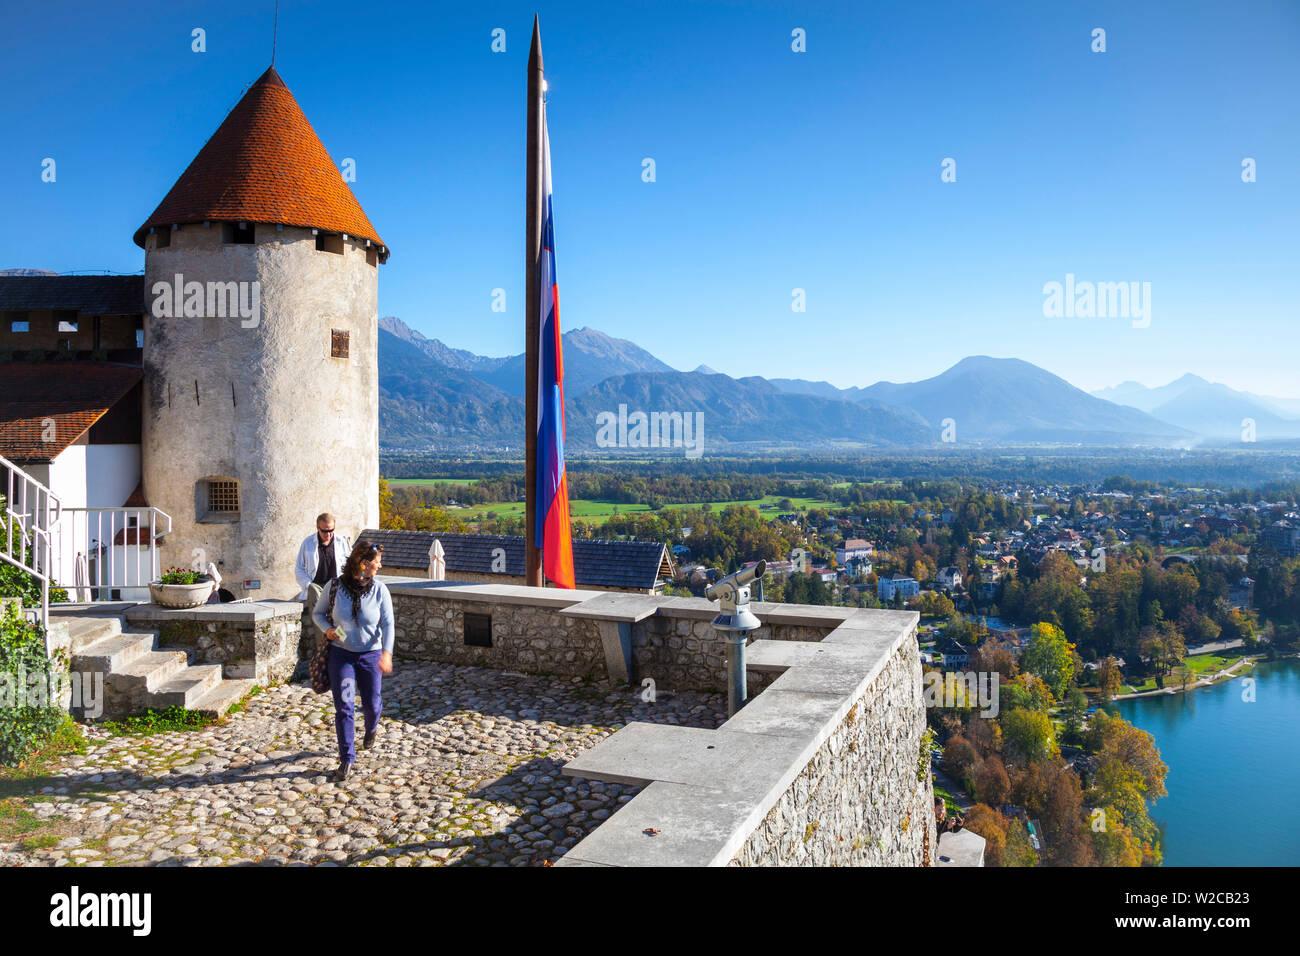 Des vues sur le château et la campagne environnante, le lac de Bled, Bled, Haute-Carniole, Alpes Juliennes, en Slovénie Banque D'Images